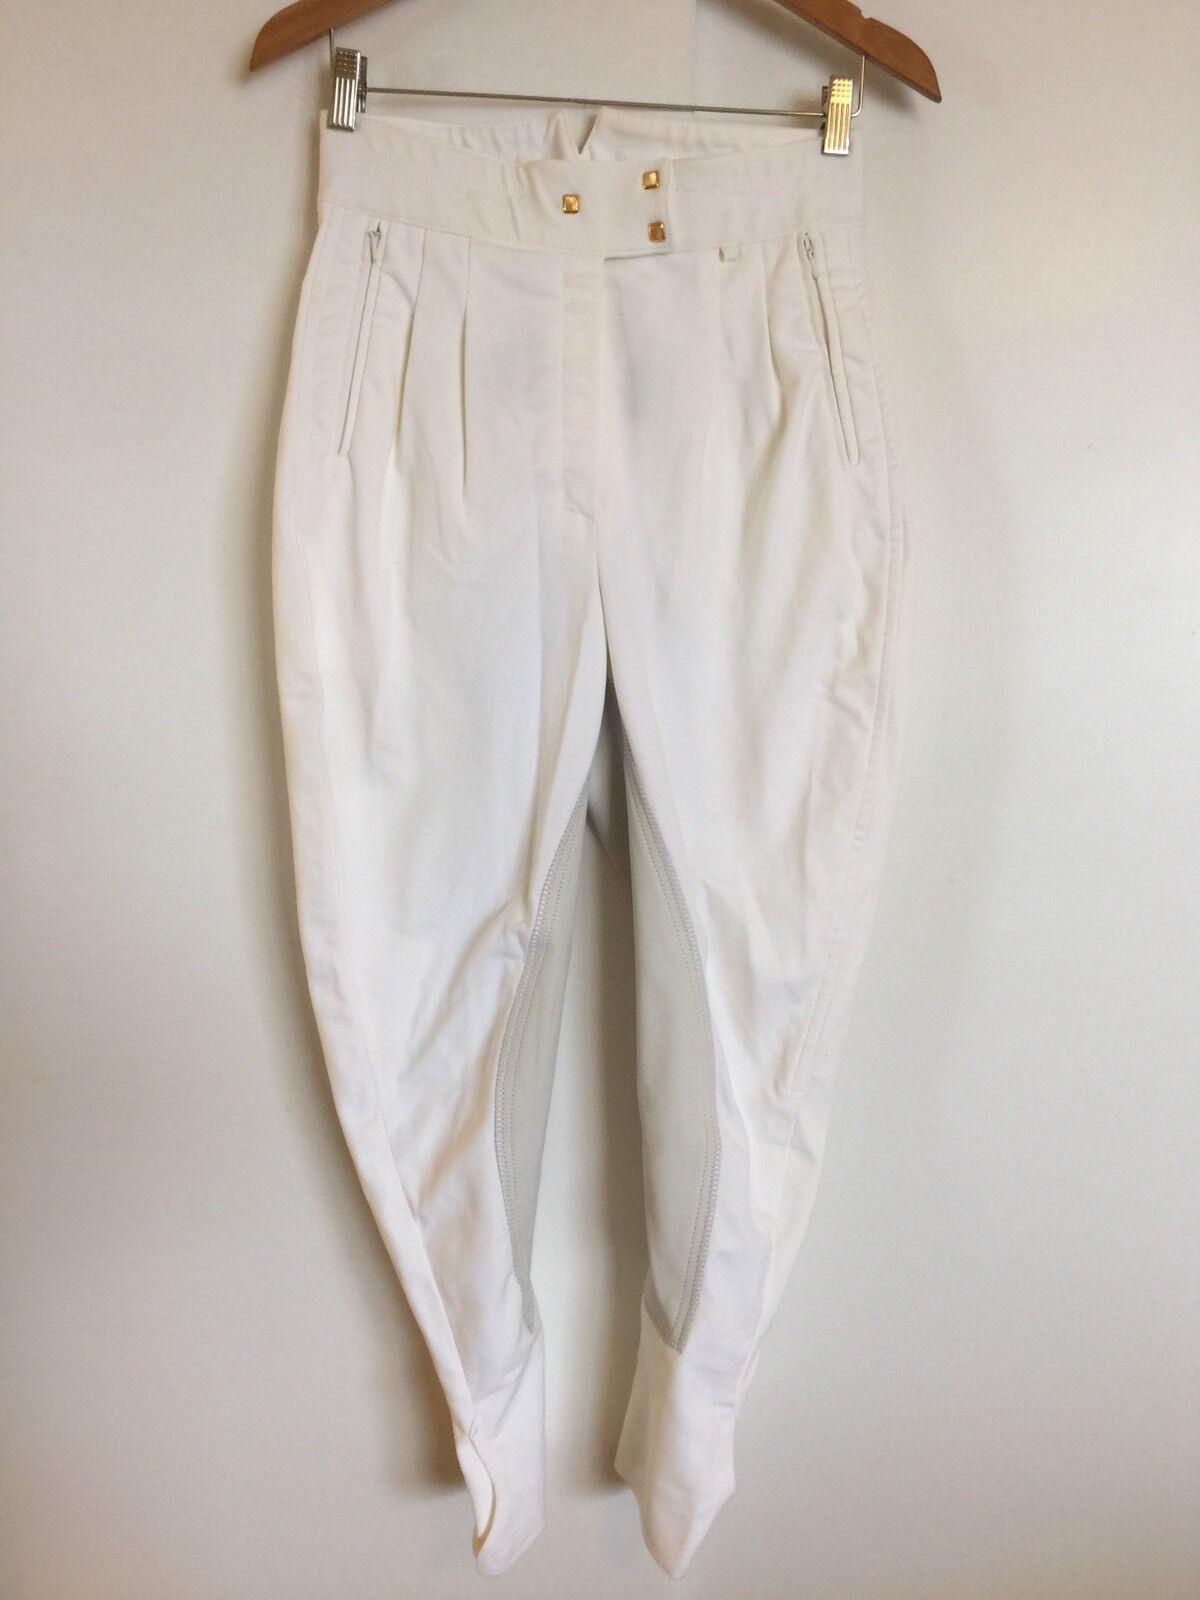 Asiento  Completo Pantalones De Montar De oro Vestido blancoo 28R Doma  mejor calidad mejor precio